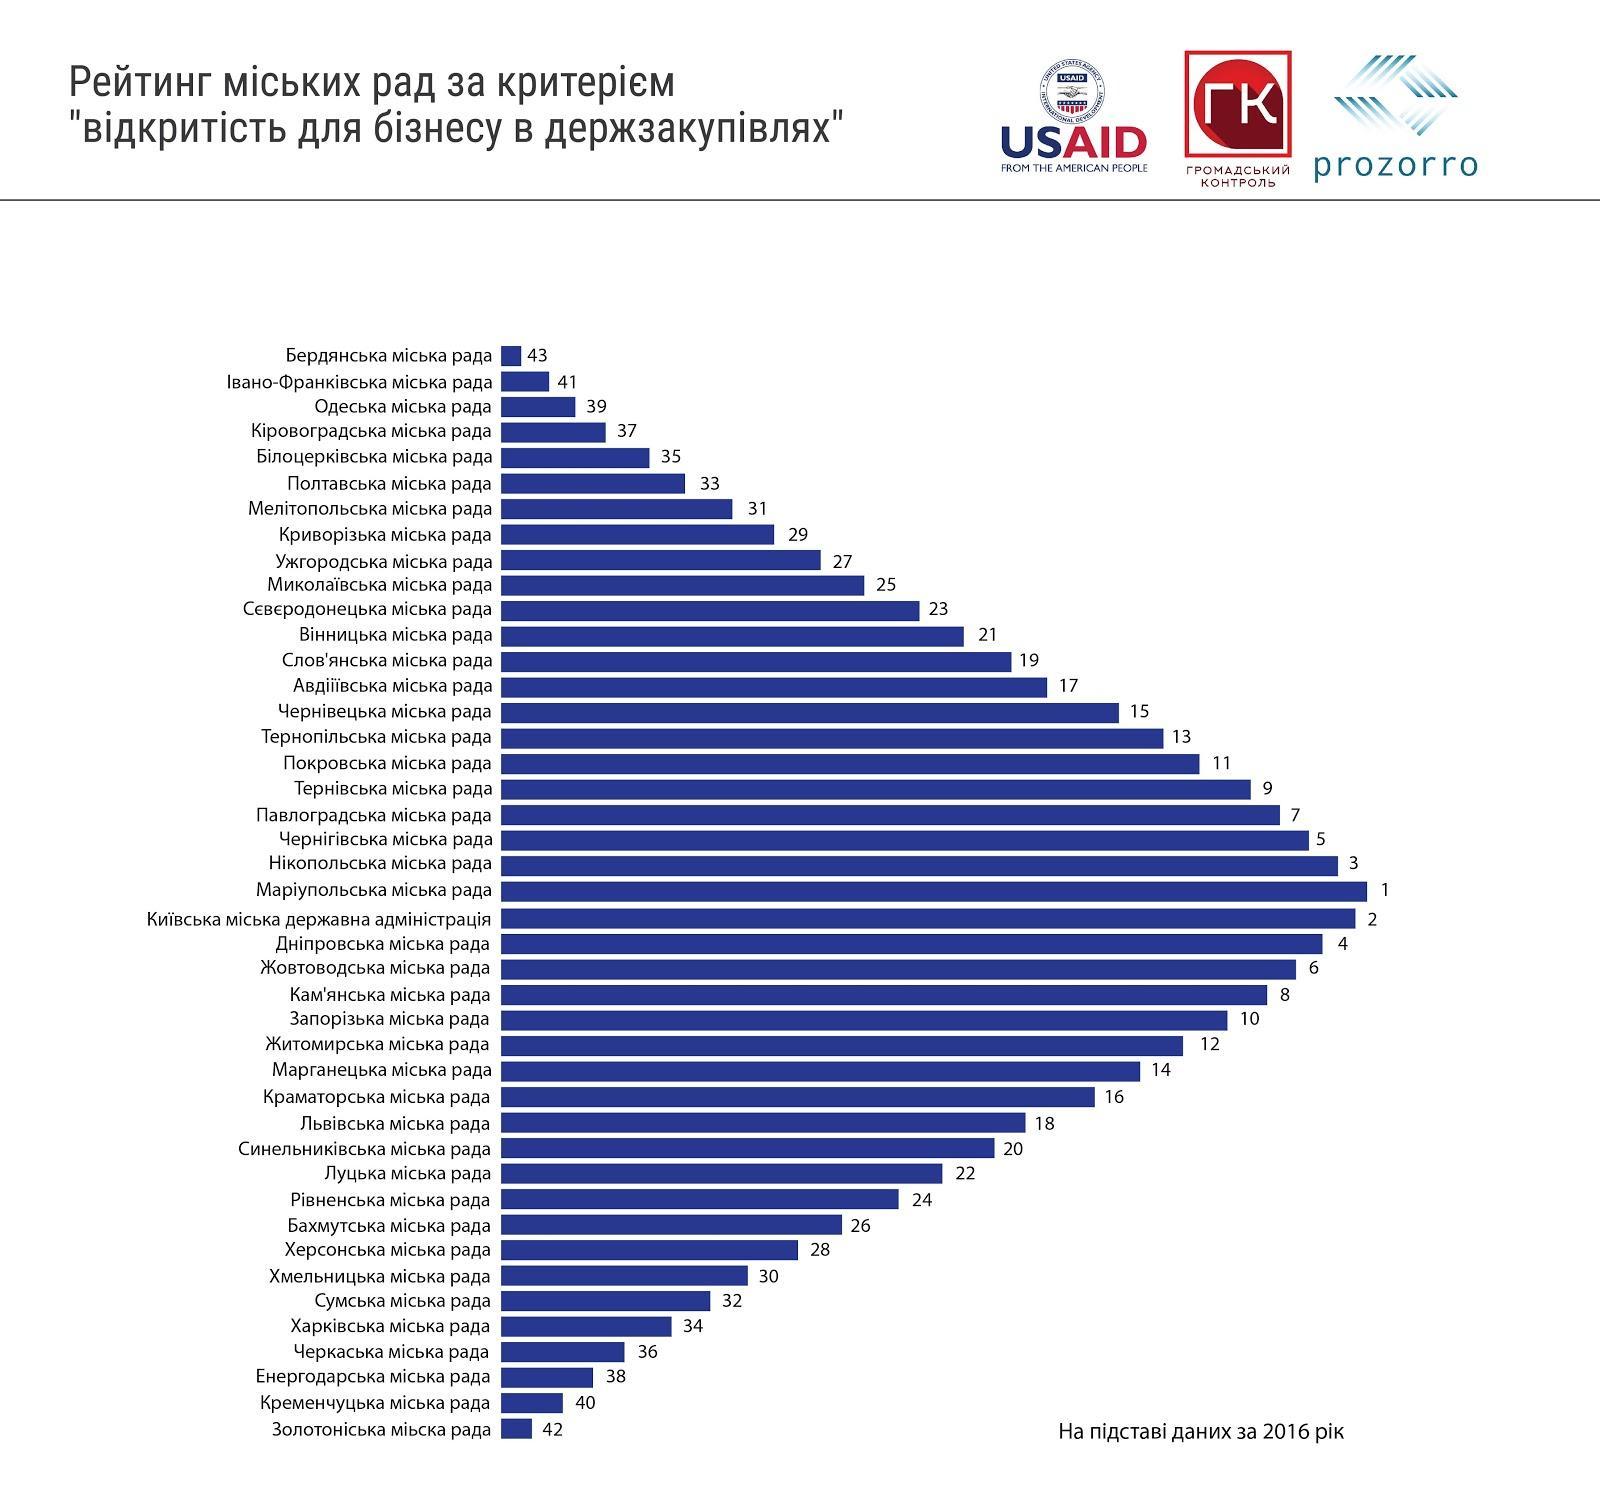 2 укр infogr-10.jpg